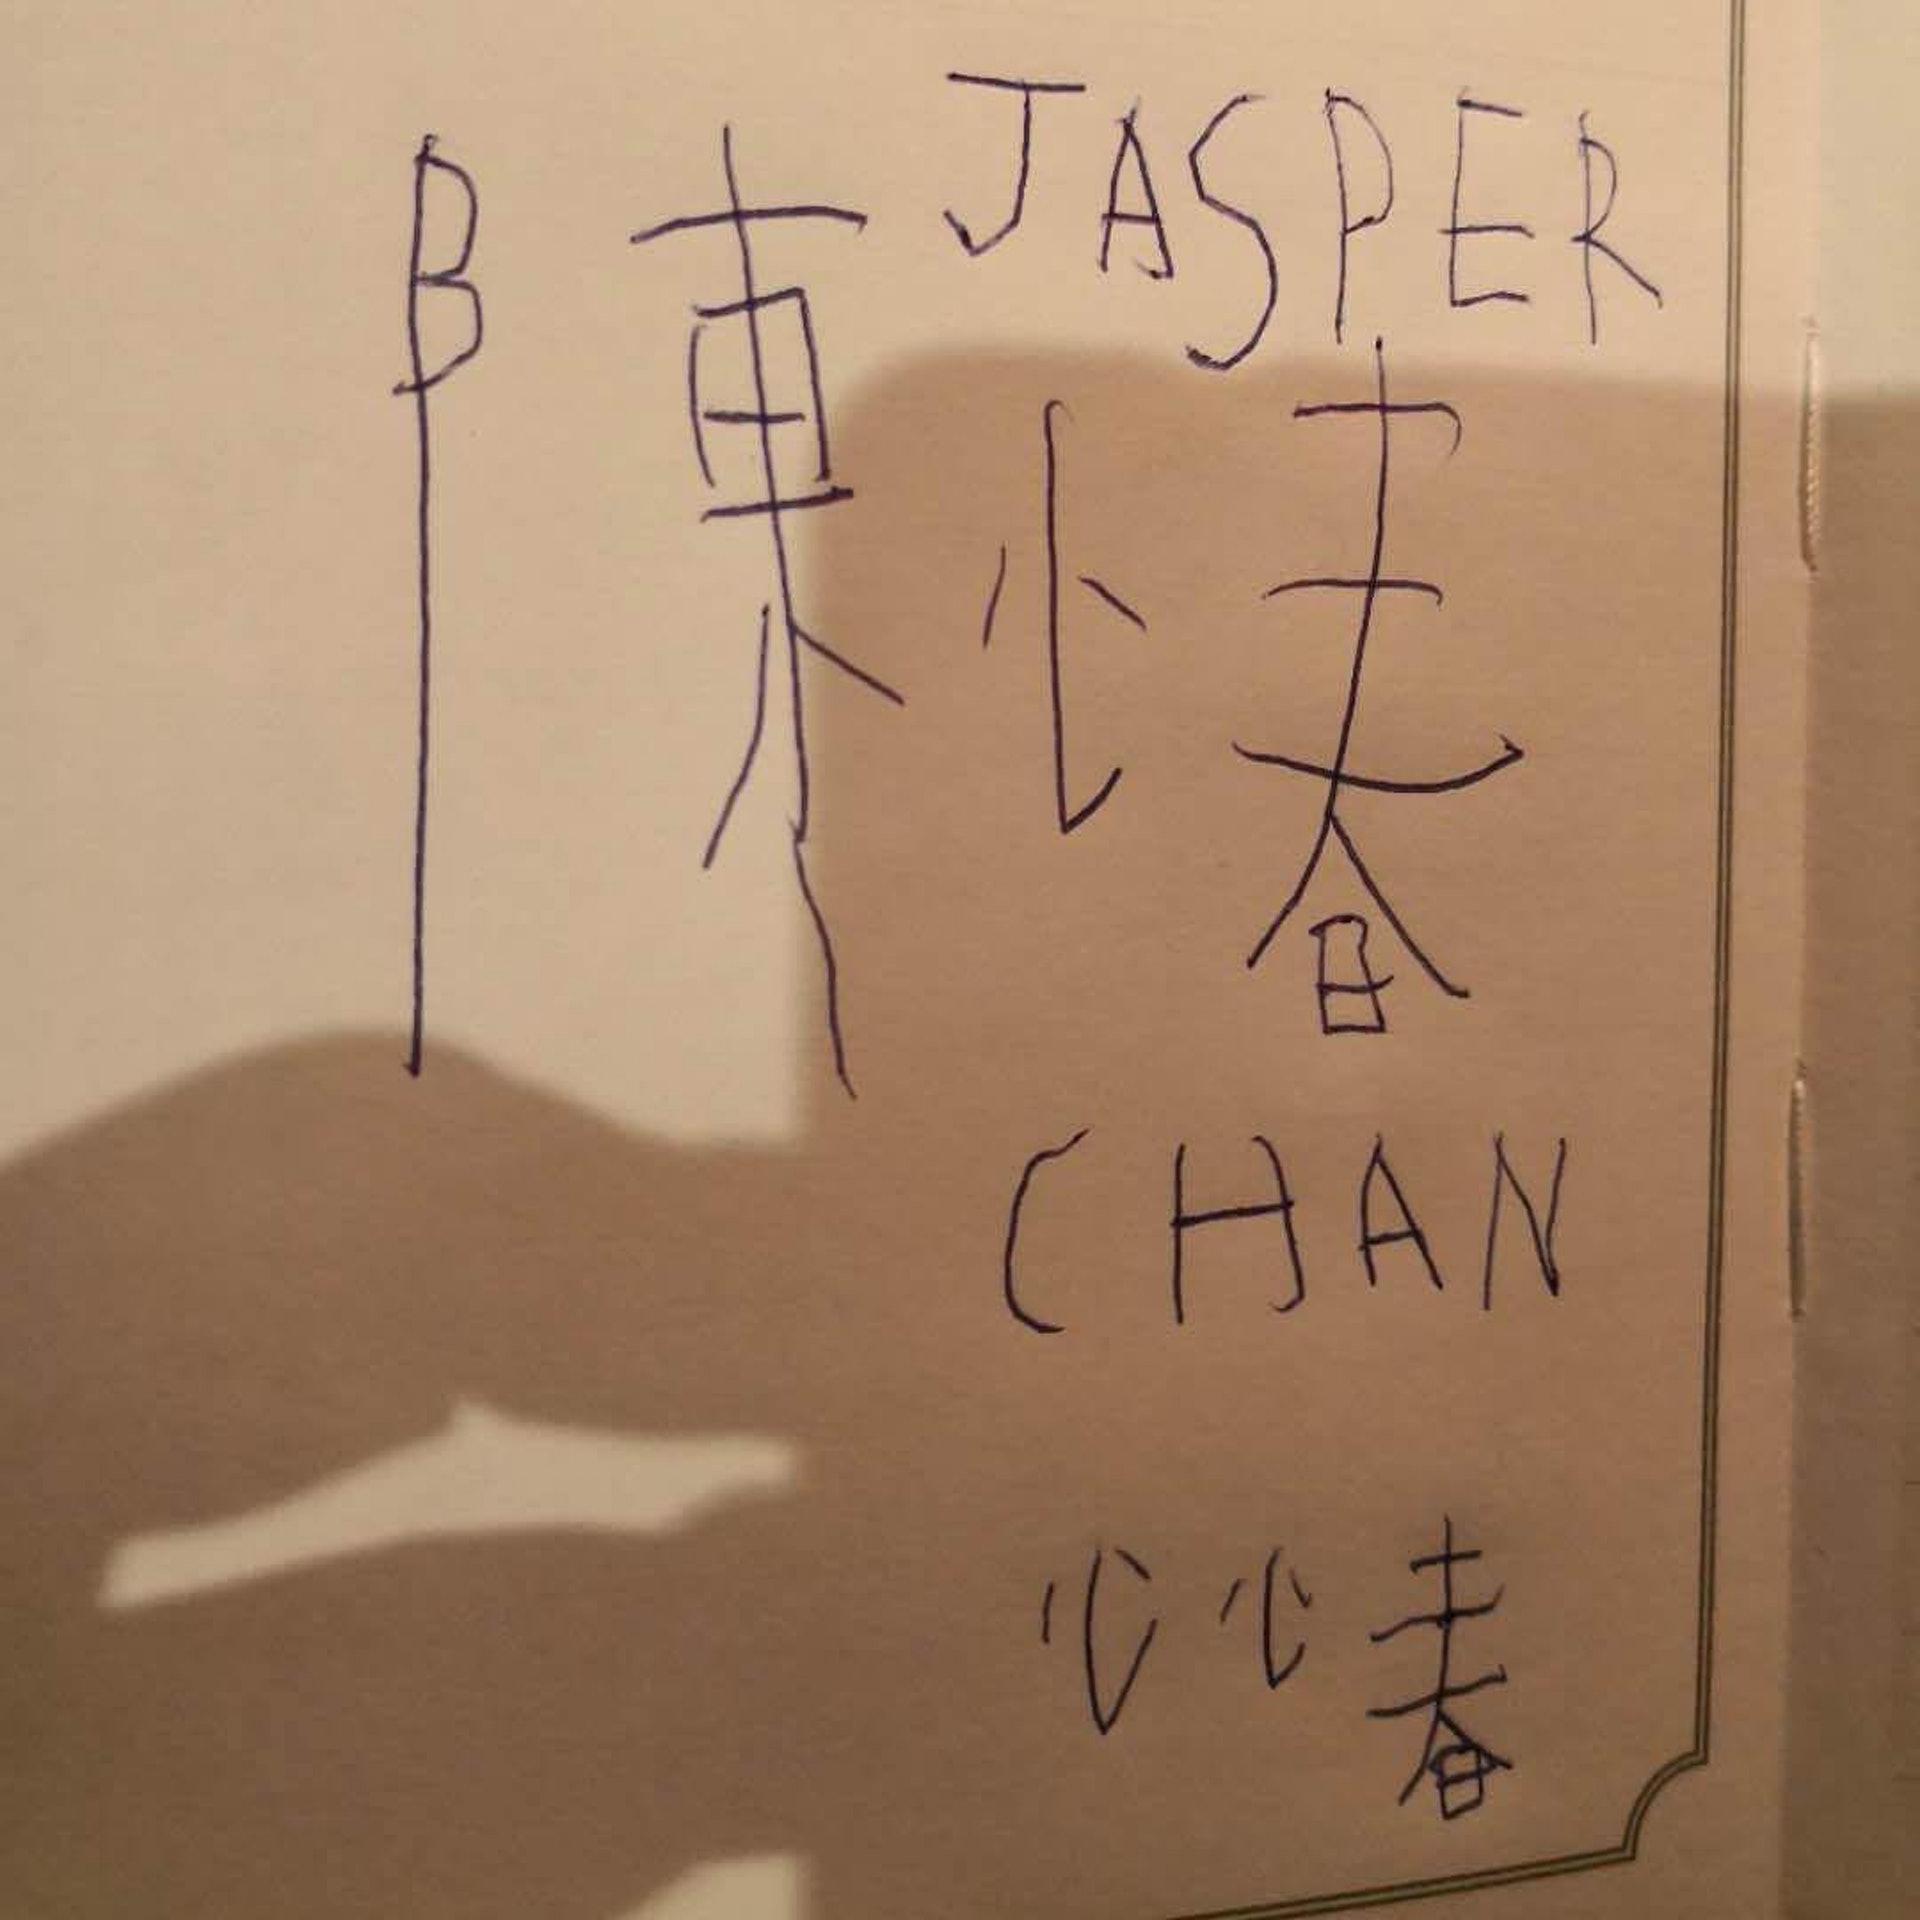 睇下Jasper寫啲「小」幾搞笑。